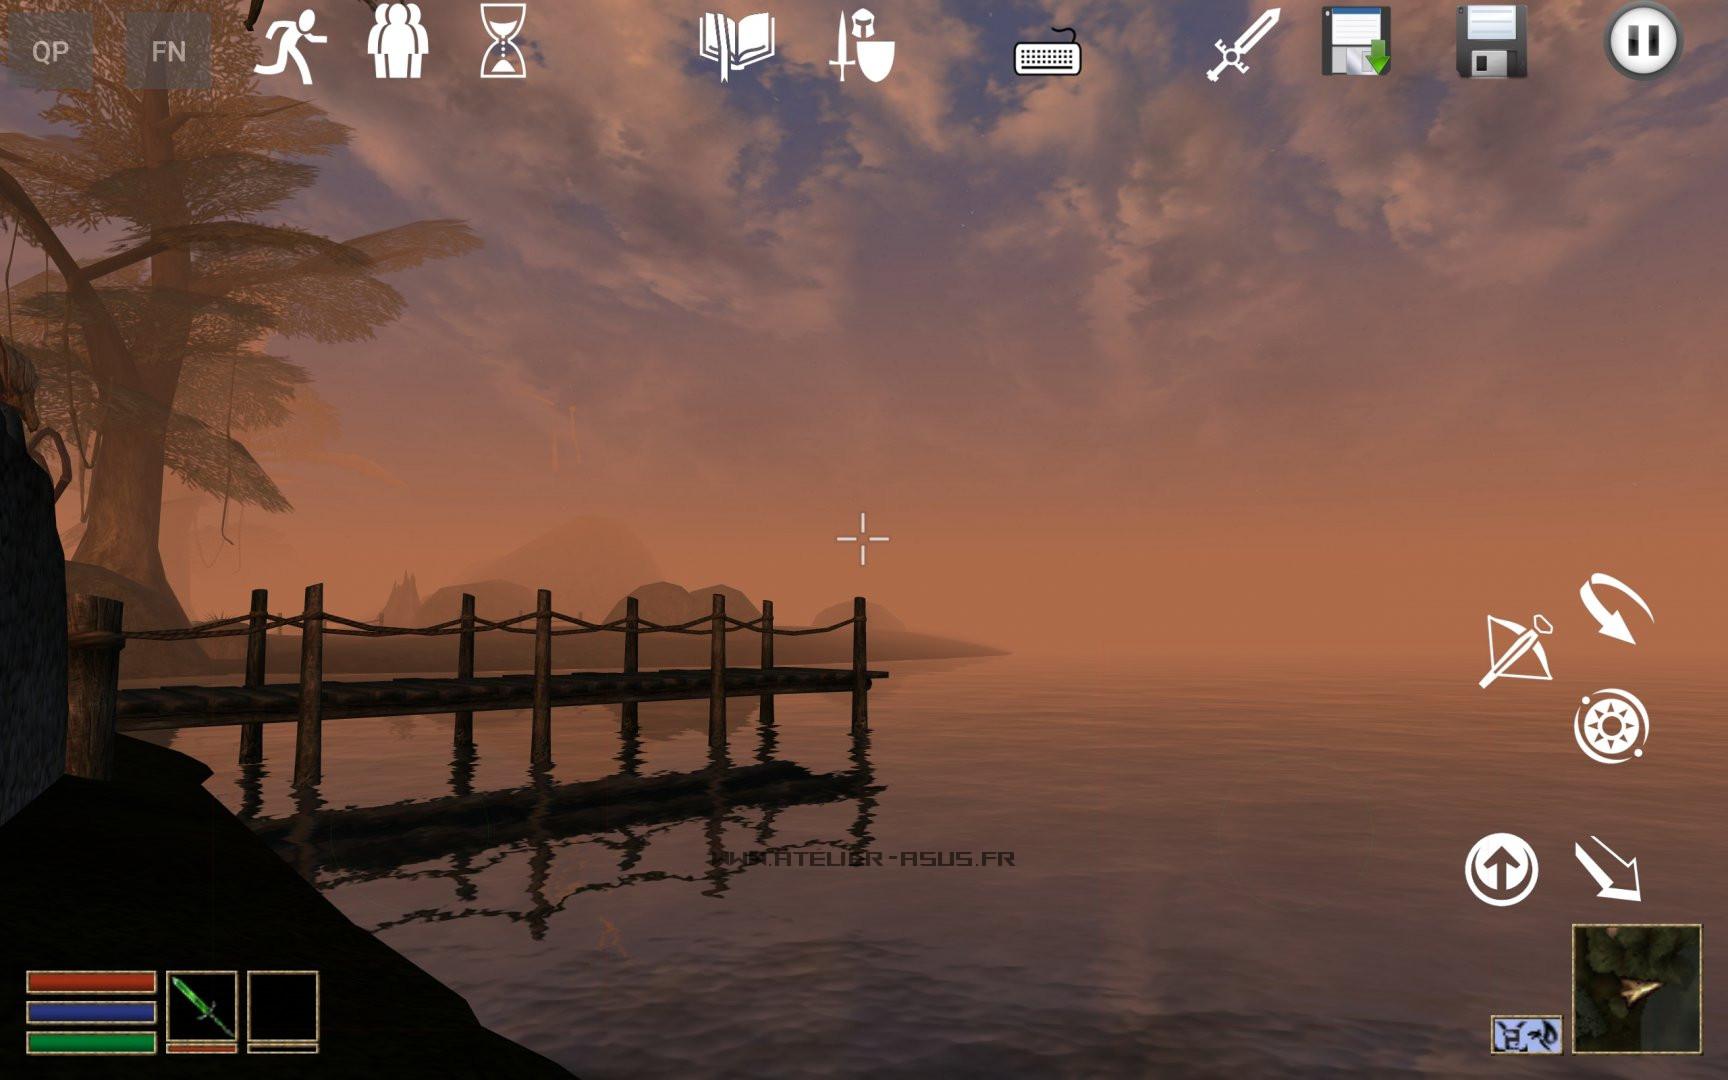 screenshot_20180925-224351-jpg.7917